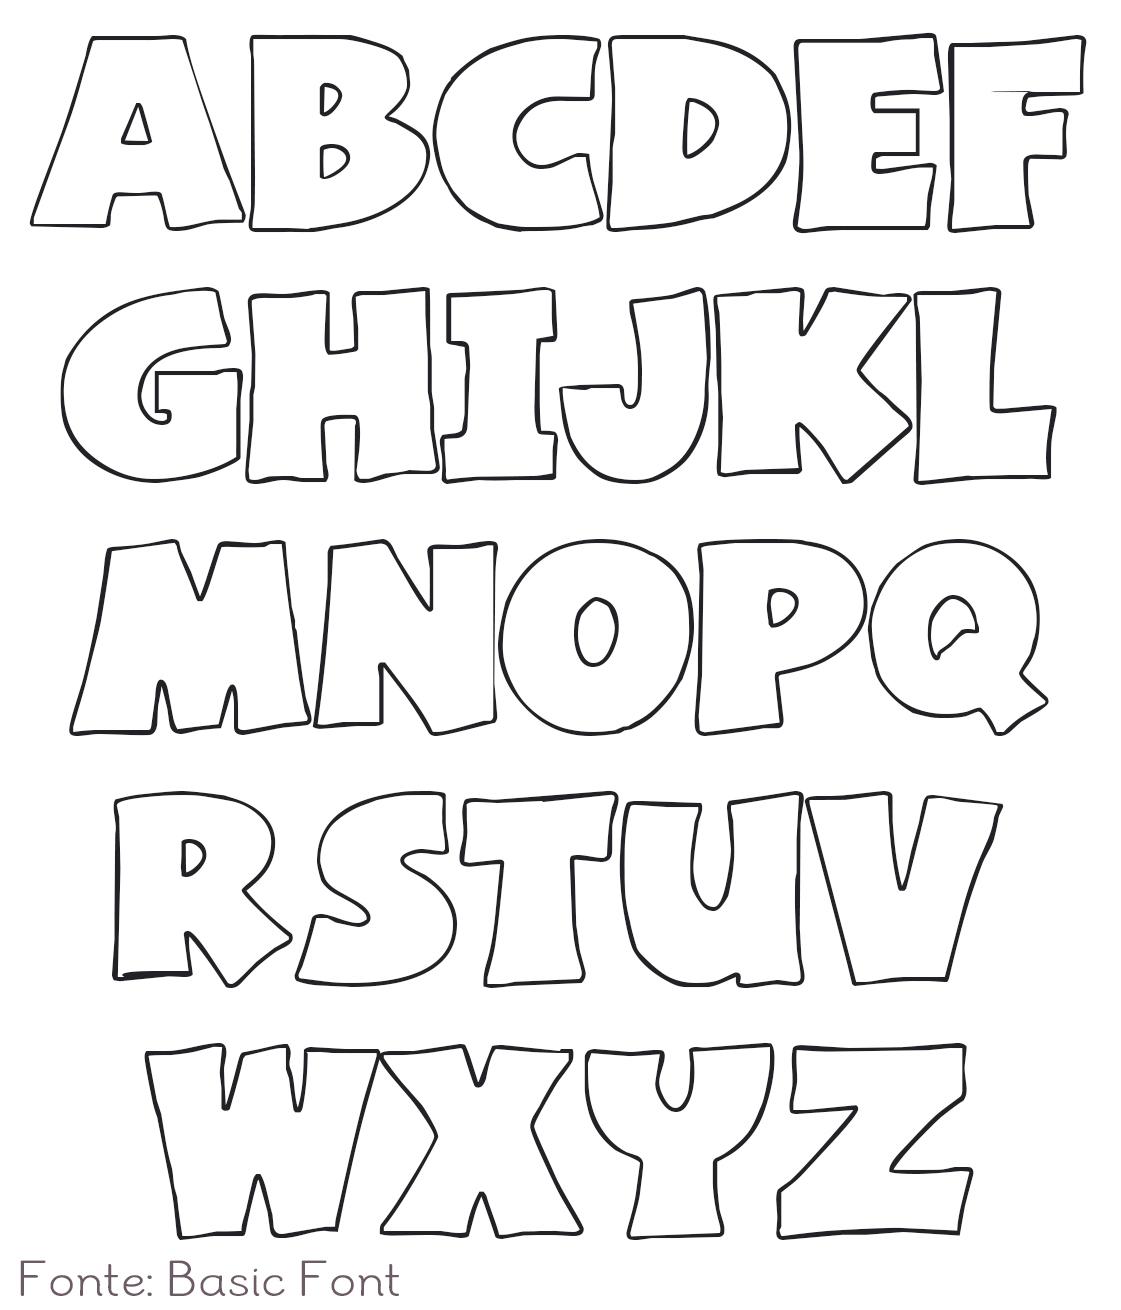 letras para poner: